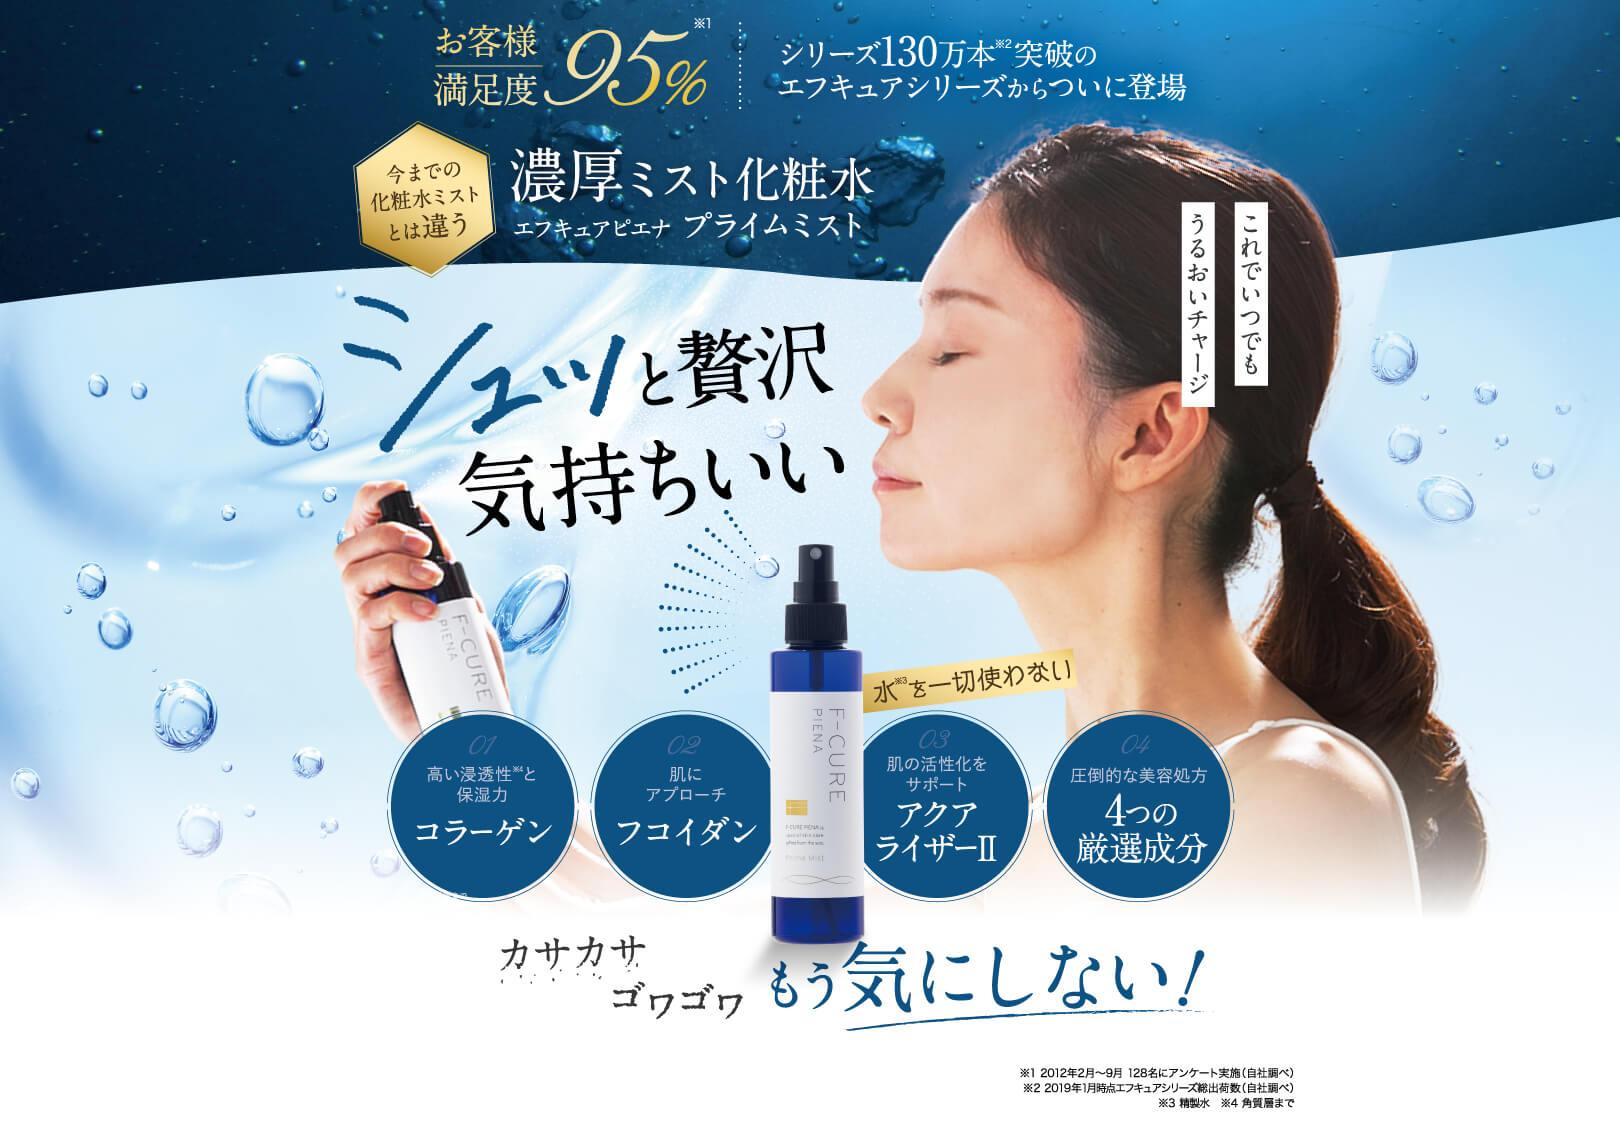 今までの化粧水ミストとは違う濃厚ミスト化粧水エフキュアピエナ プライムミスト